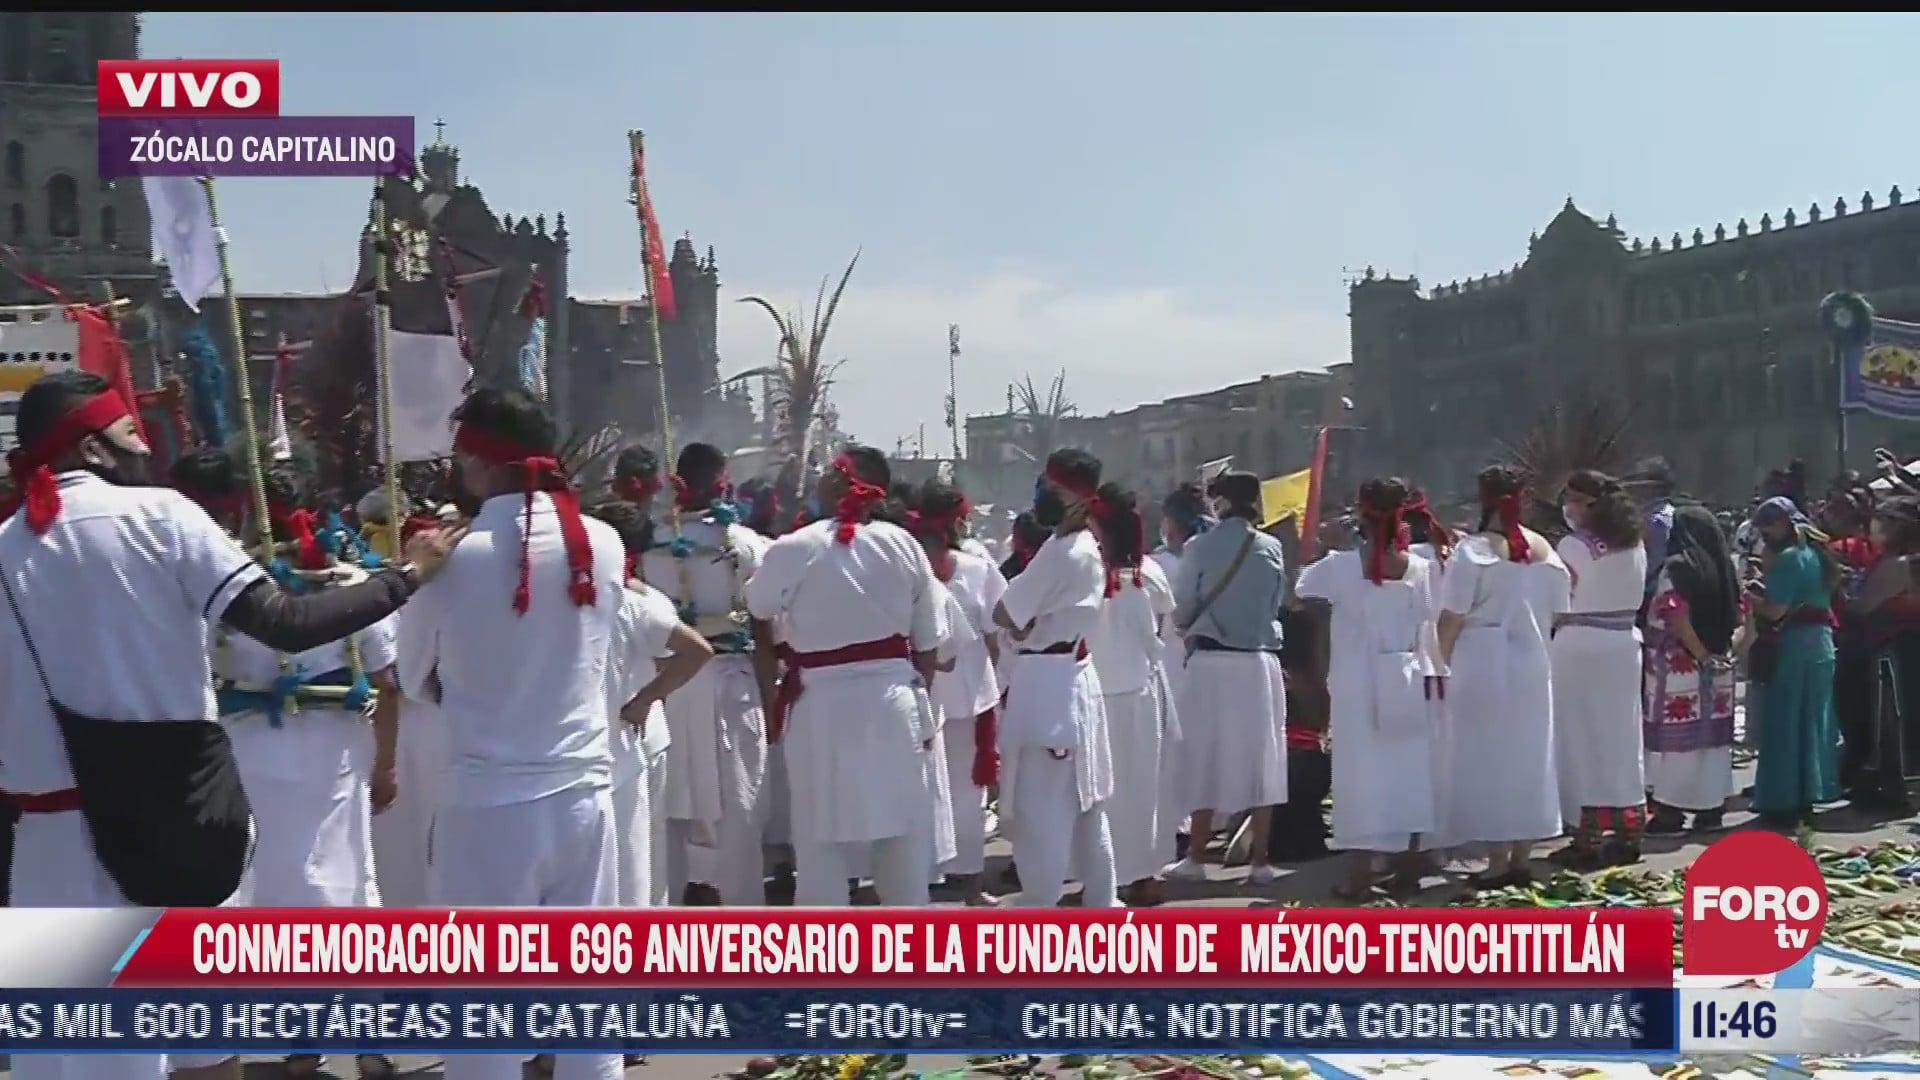 conmemoracion del 696 aniversario de la fundacion de mexico tenochtitlan